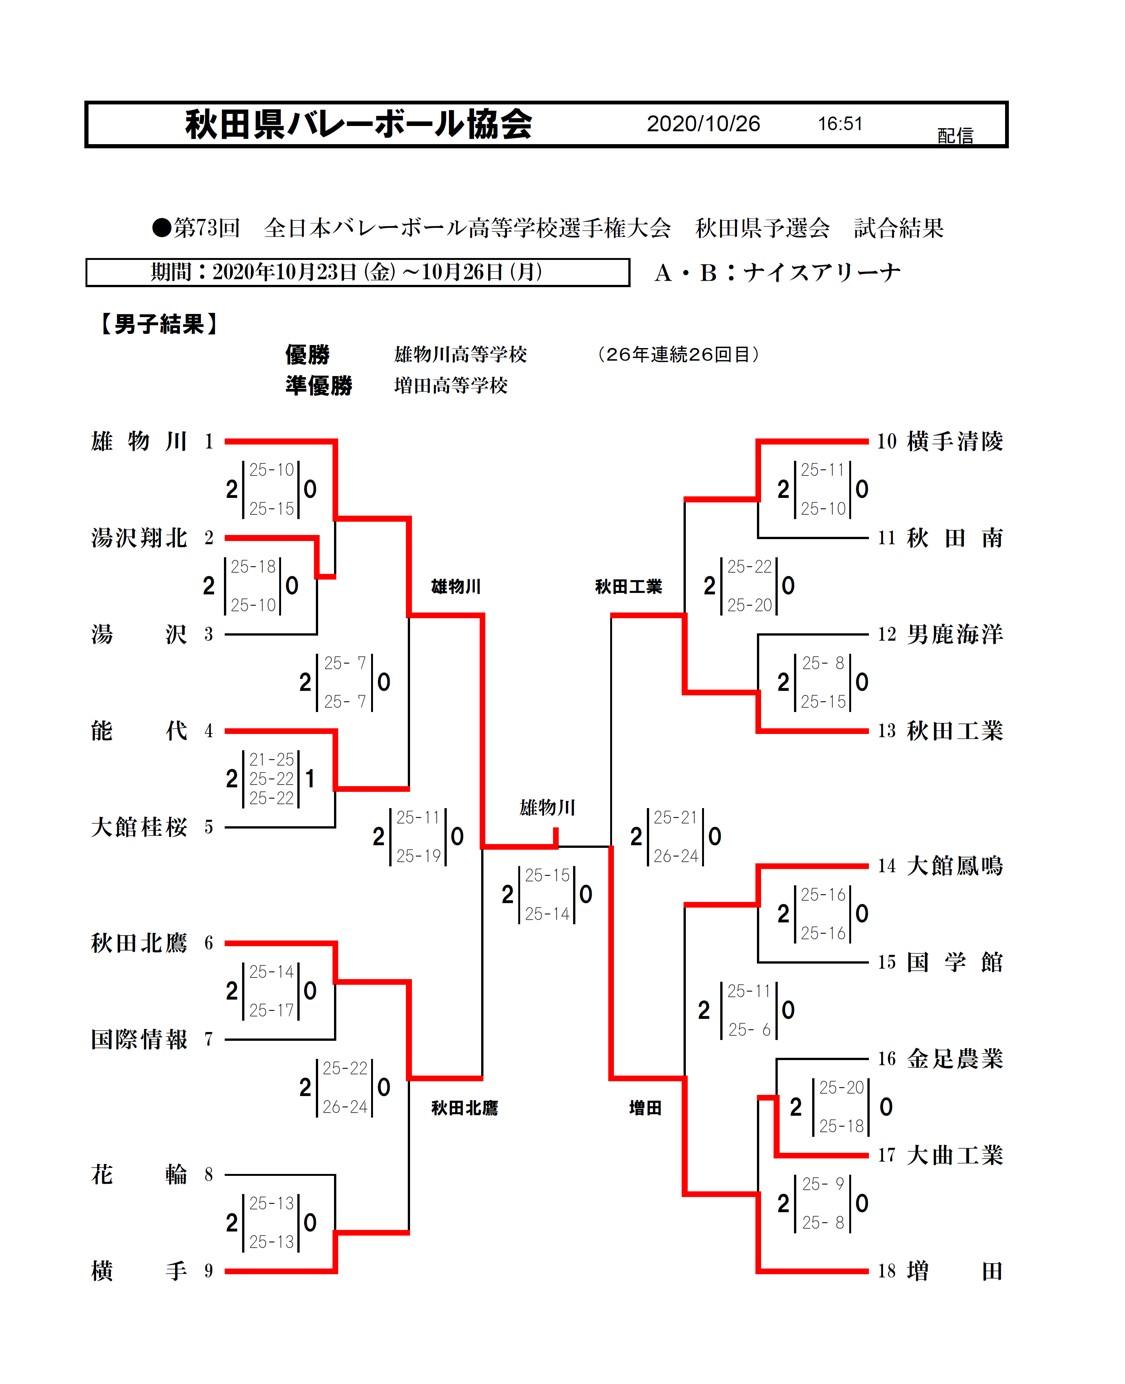 2020年度_全日本高校選手権_秋田予選_男子_最終結果